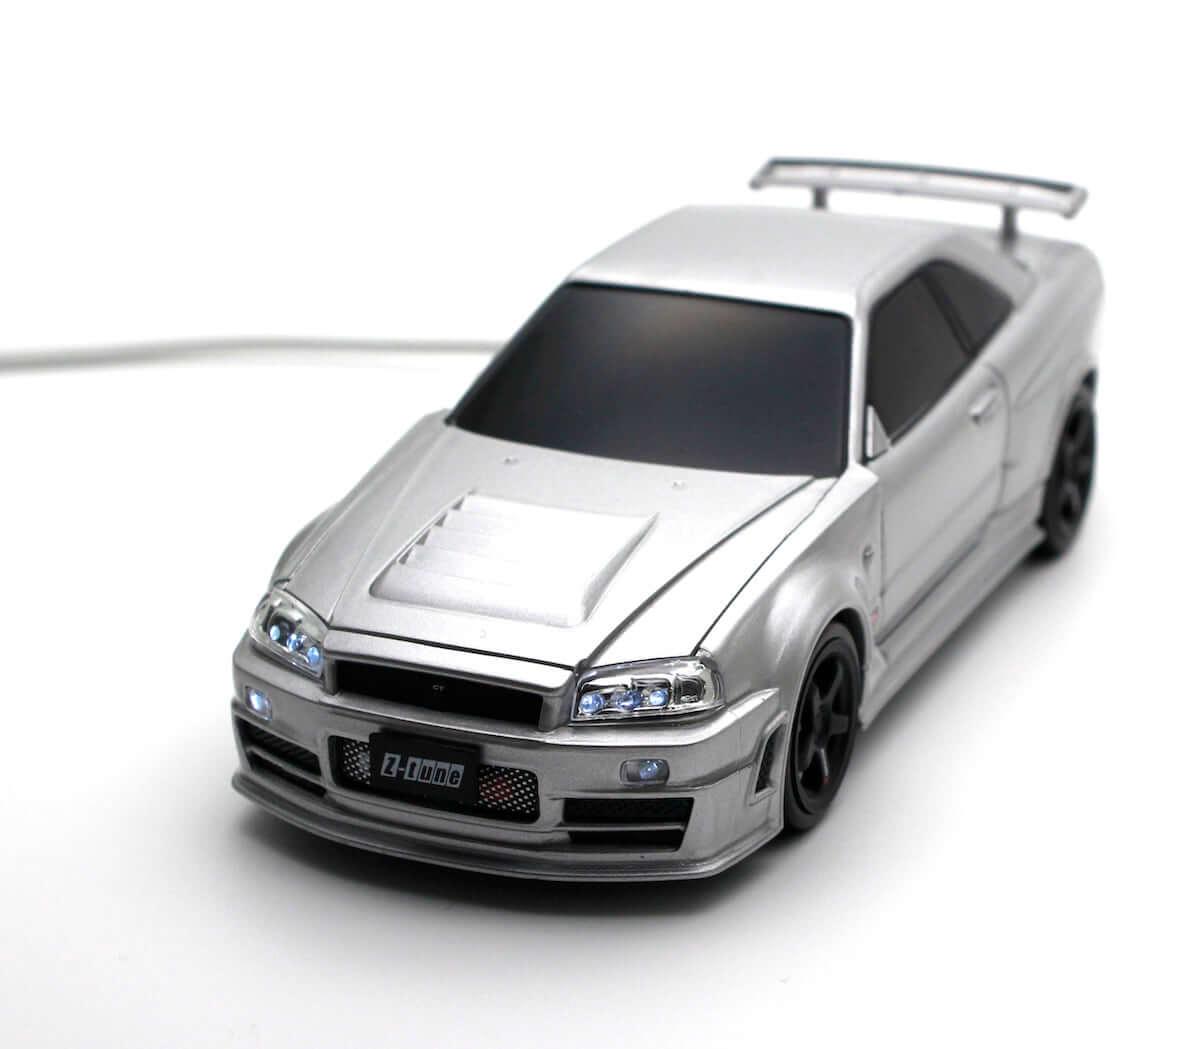 車好きにはたまらない日産のモバイルバッテリーが登場 technology190116-camshop-8-1200x1049